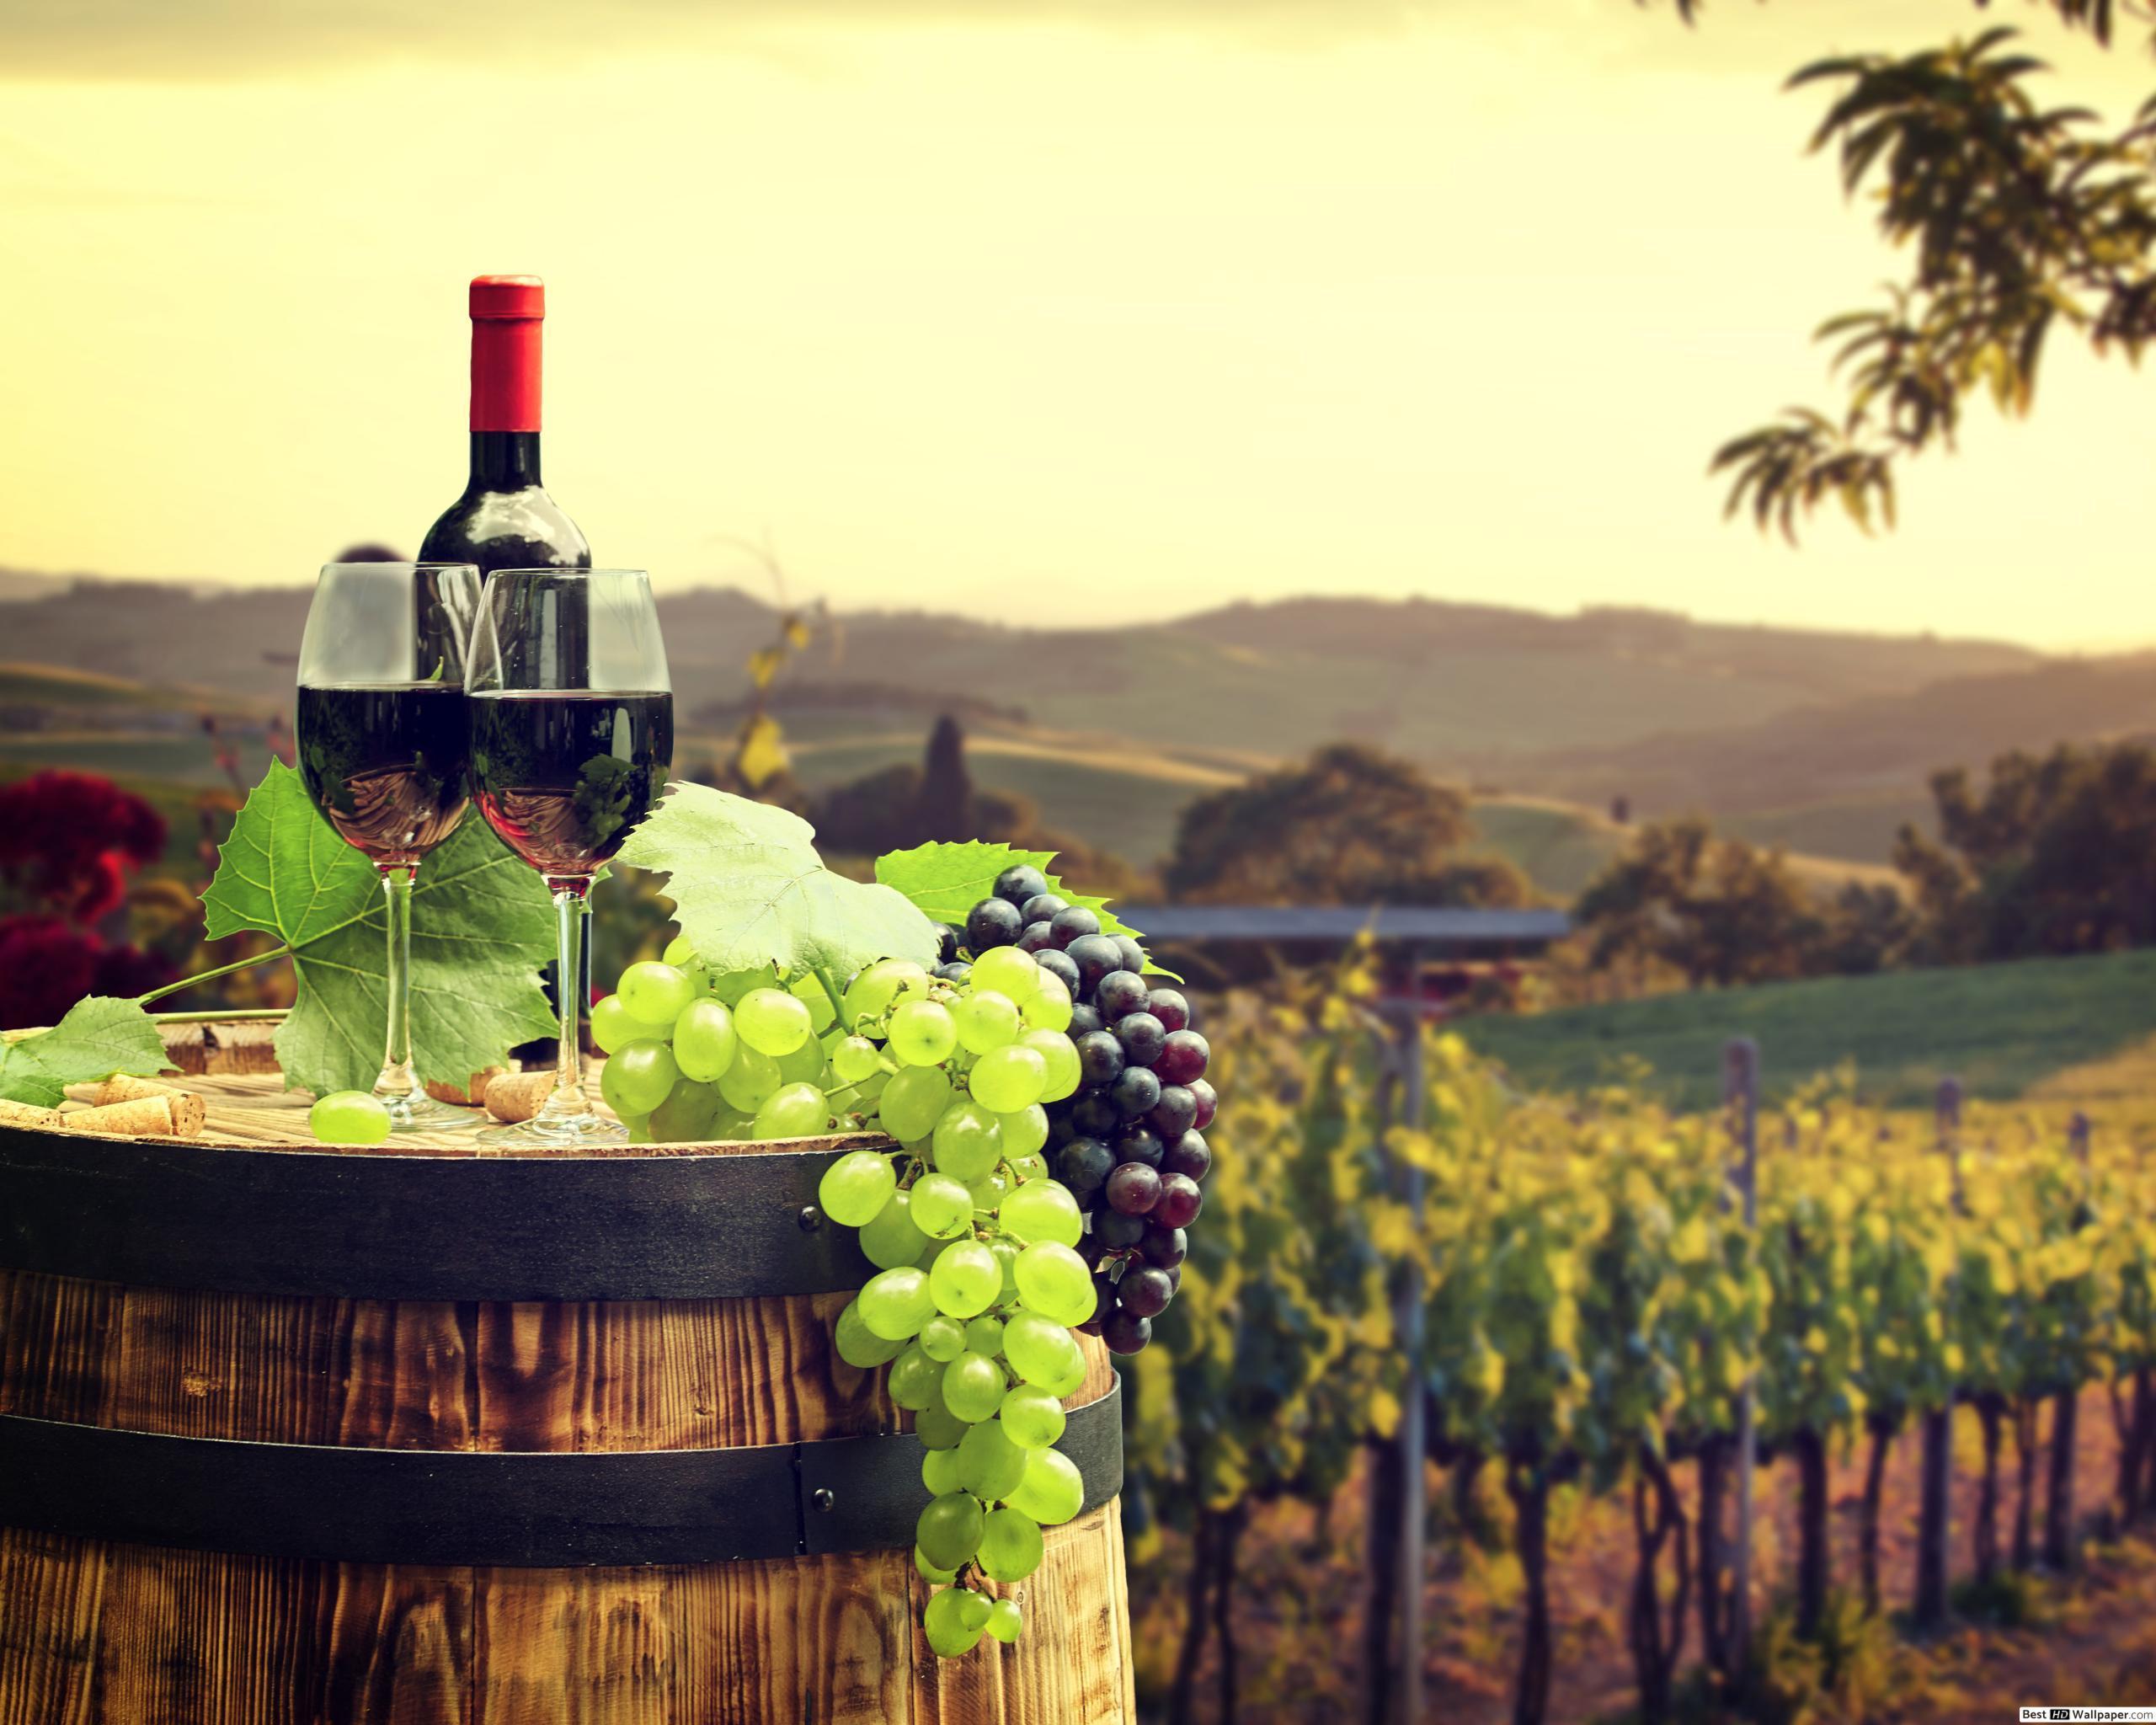 1 ден 23.10.2020 Петок: Гроздобер и чаша вино (Битола-Неготино-Струмица)